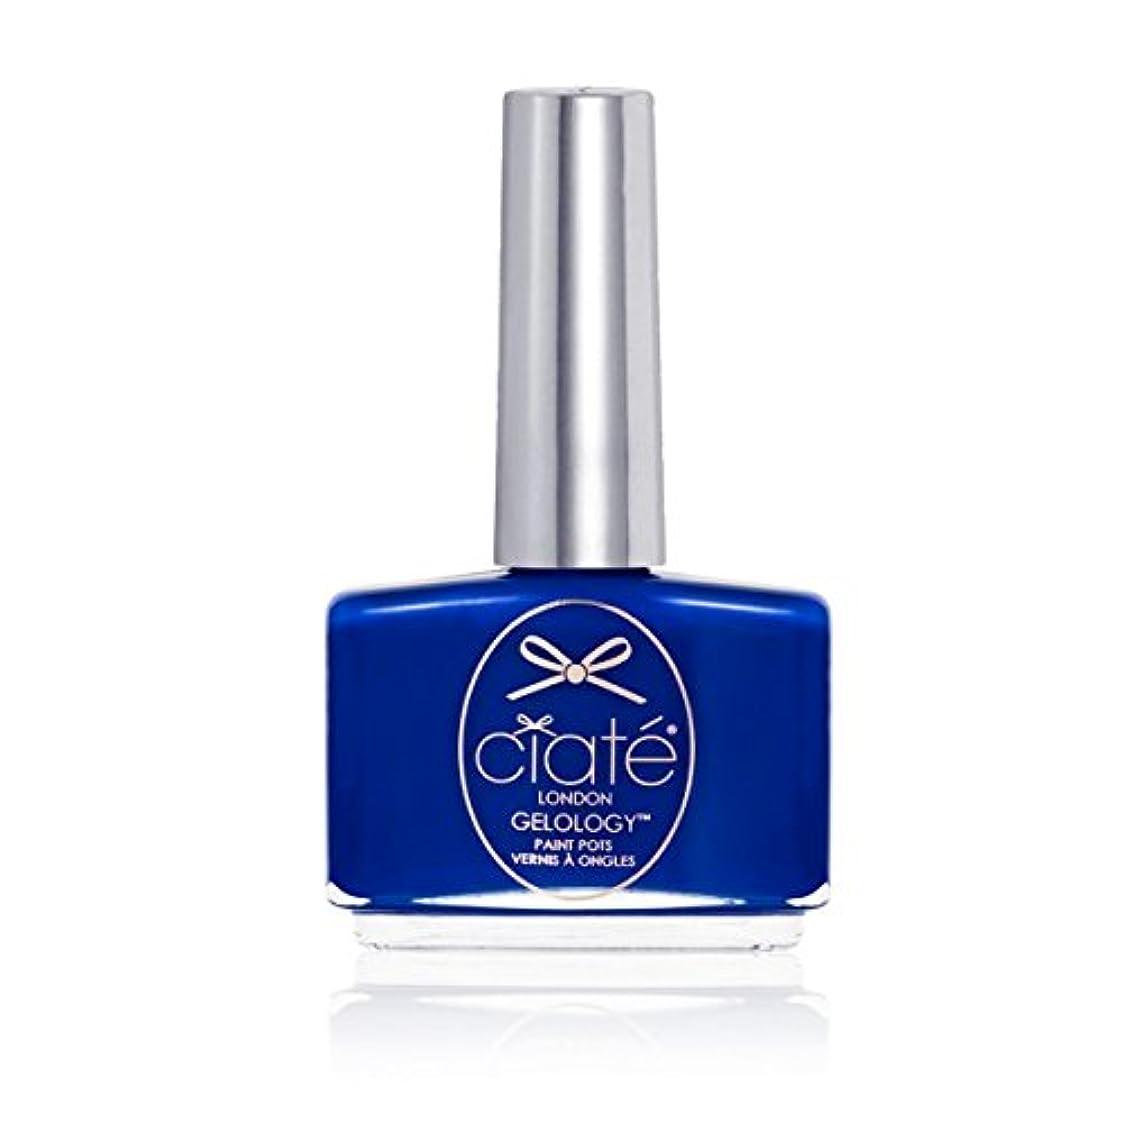 メーター掻く傷つける[ciate] [シアテロンドン ] ジェルロジープールパーティー(カラー:マリンブルー)-GELOLOGY-POOL PARTY シアテロンドン ジェルポリッシュ 色:マリンブルー ネイルカラー系統:ブルー(青)